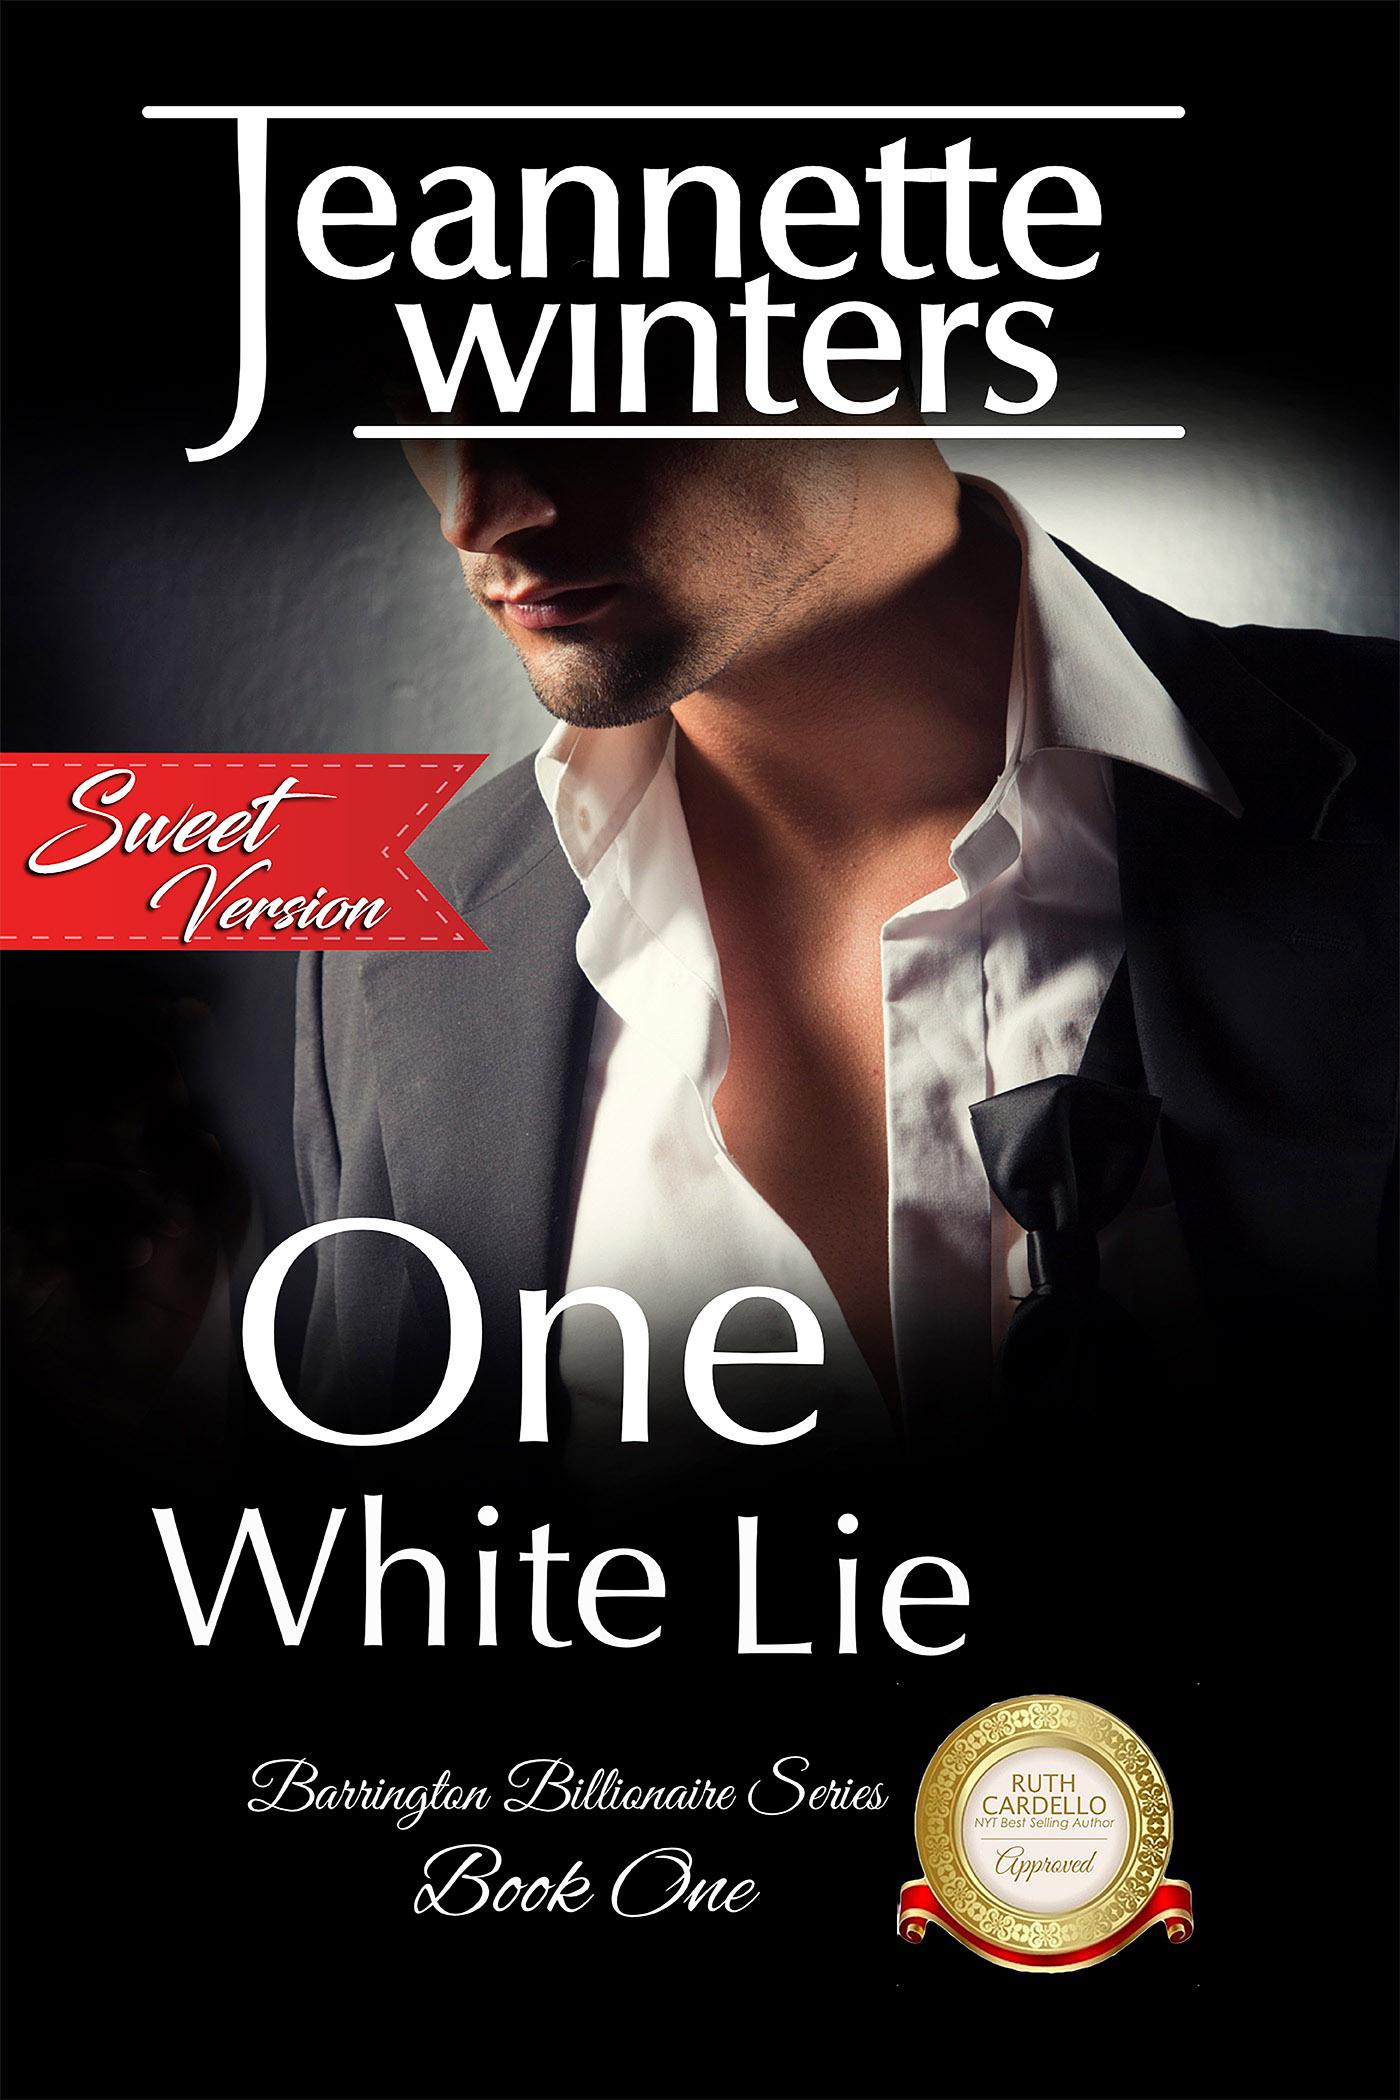 One White Lie Sweet Version.jpg